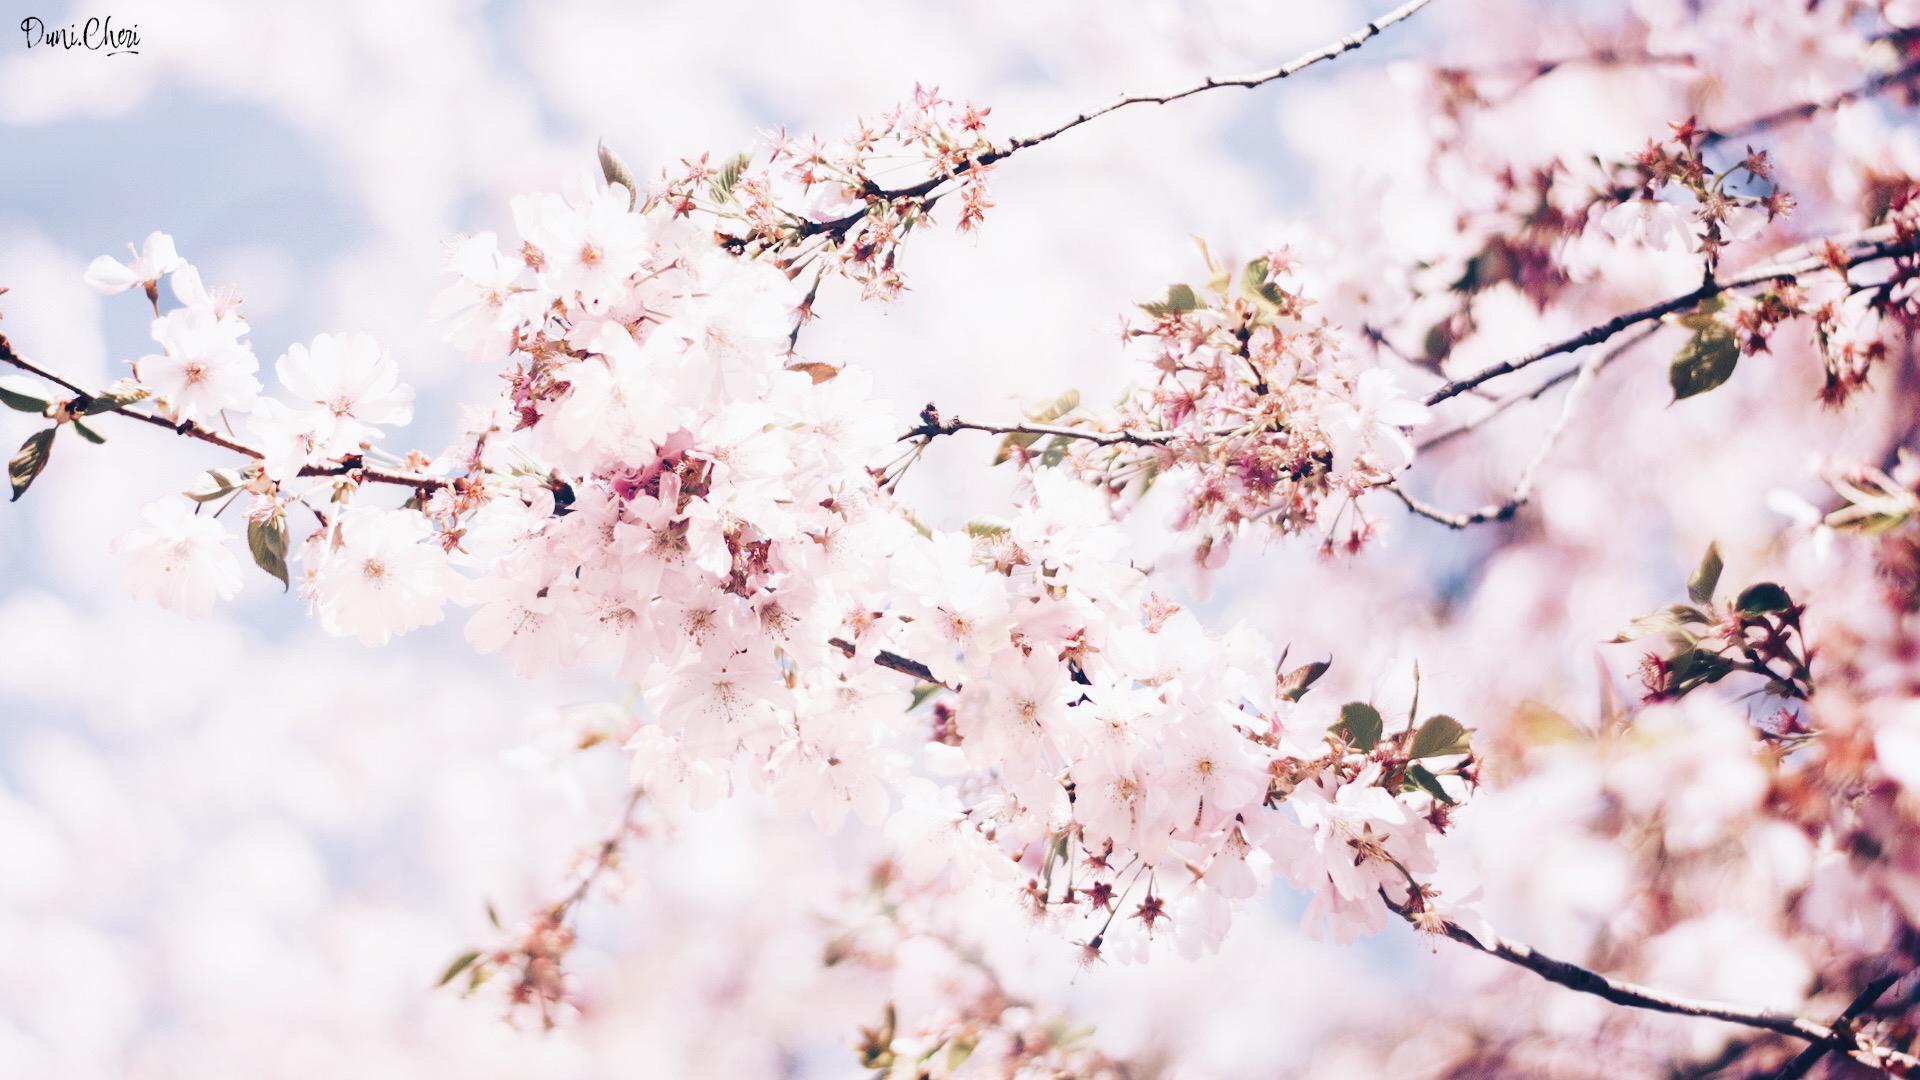 cherry blossom wallpaperdesktop